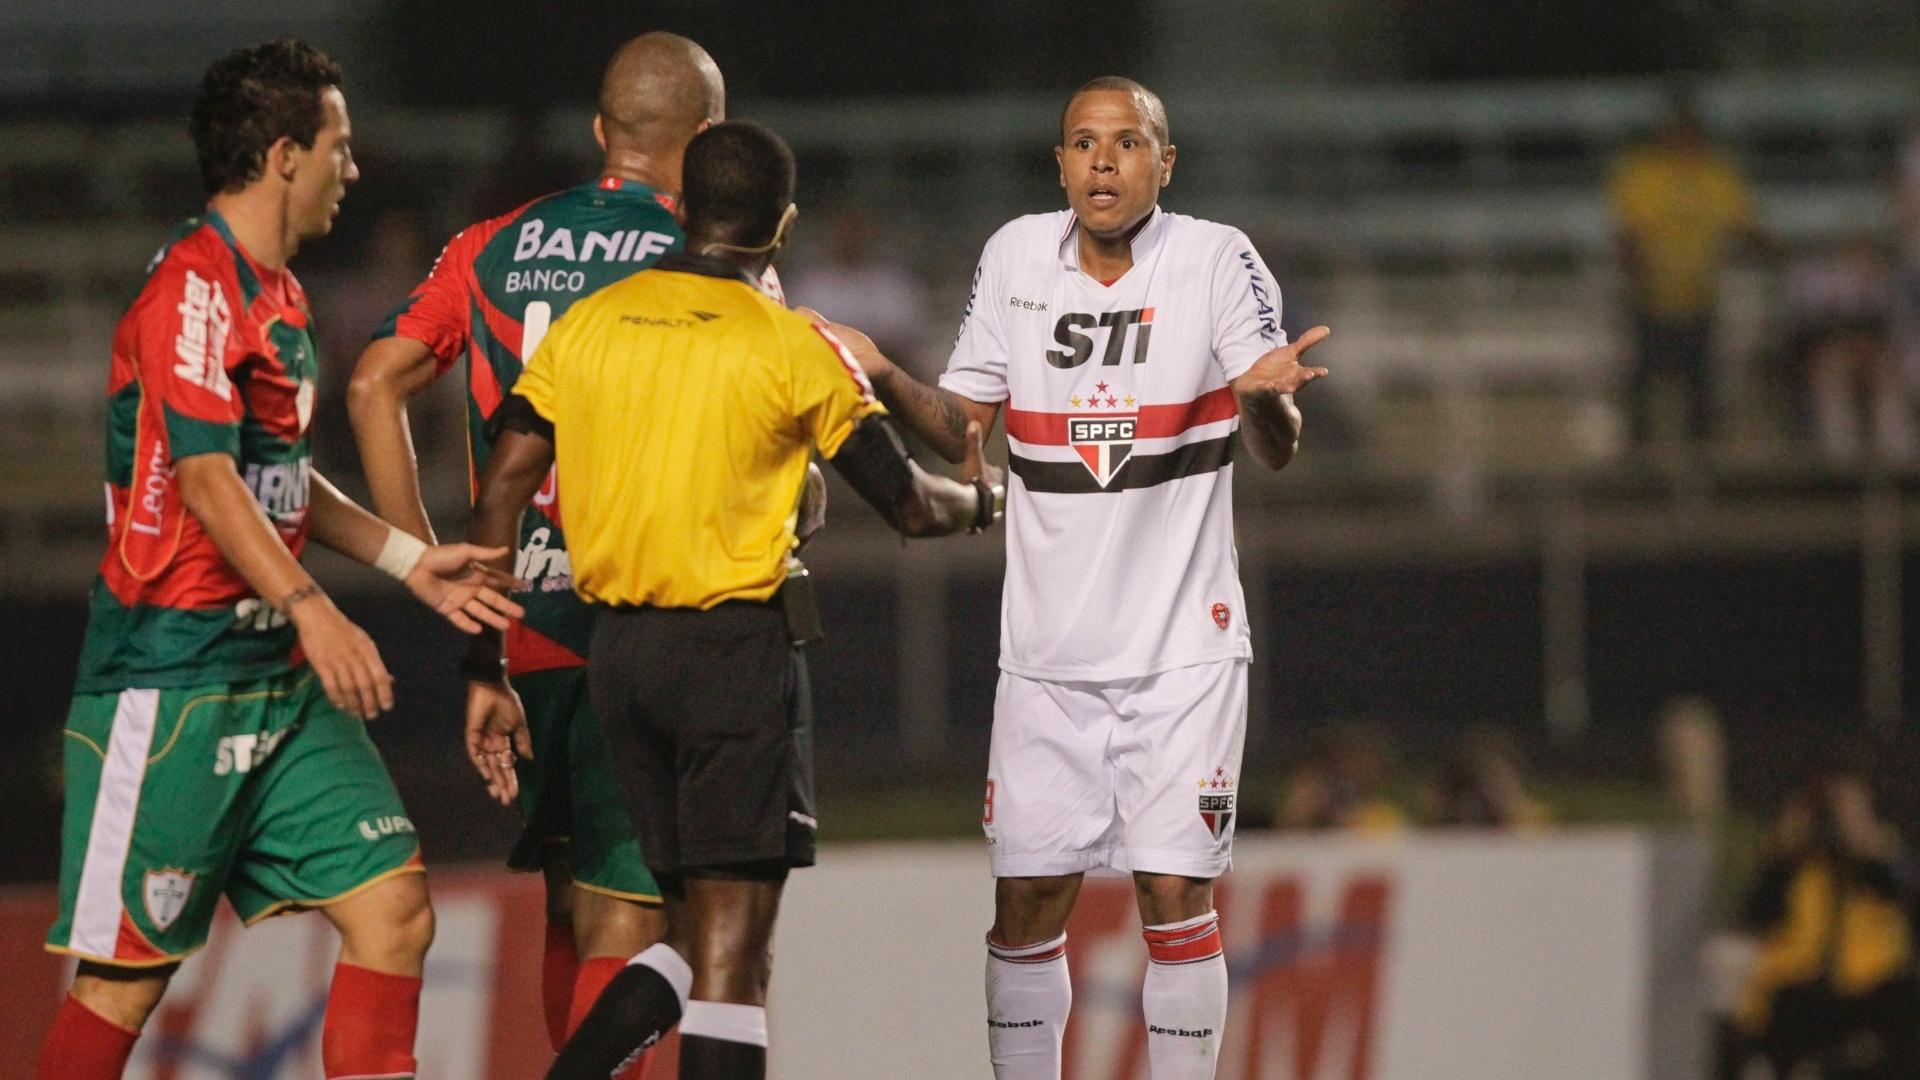 Luis Fabiano reclama de maração do juiz Paulo César Oliveira durante partida contra a Portuguesa no Morumbi